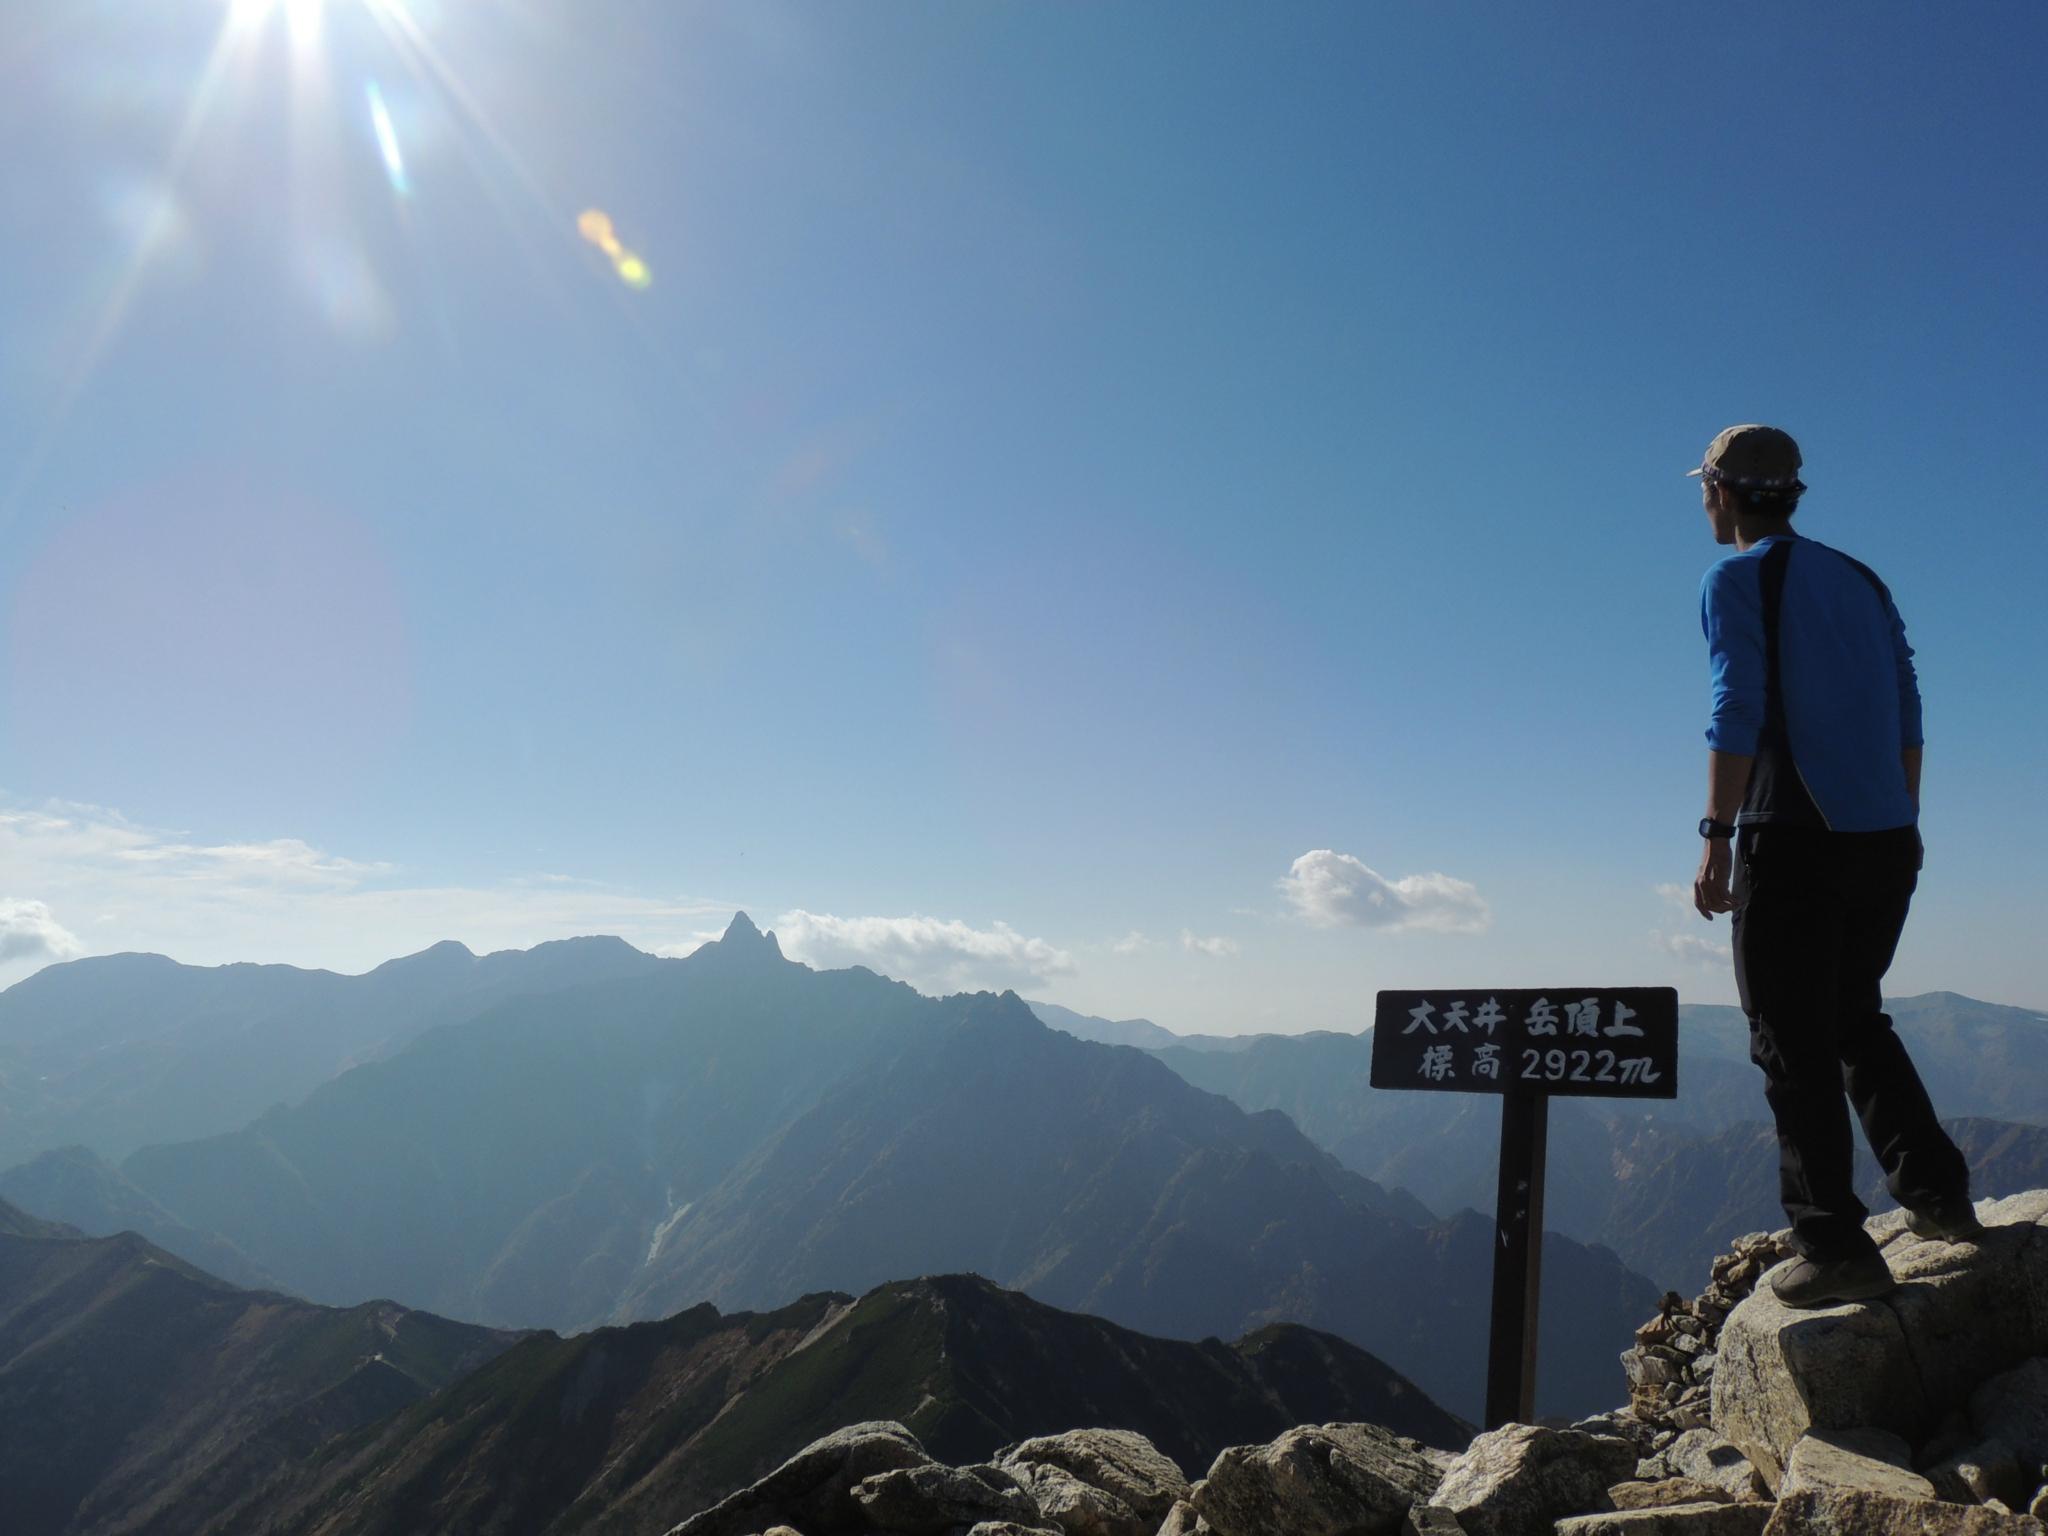 燕岳テント泊